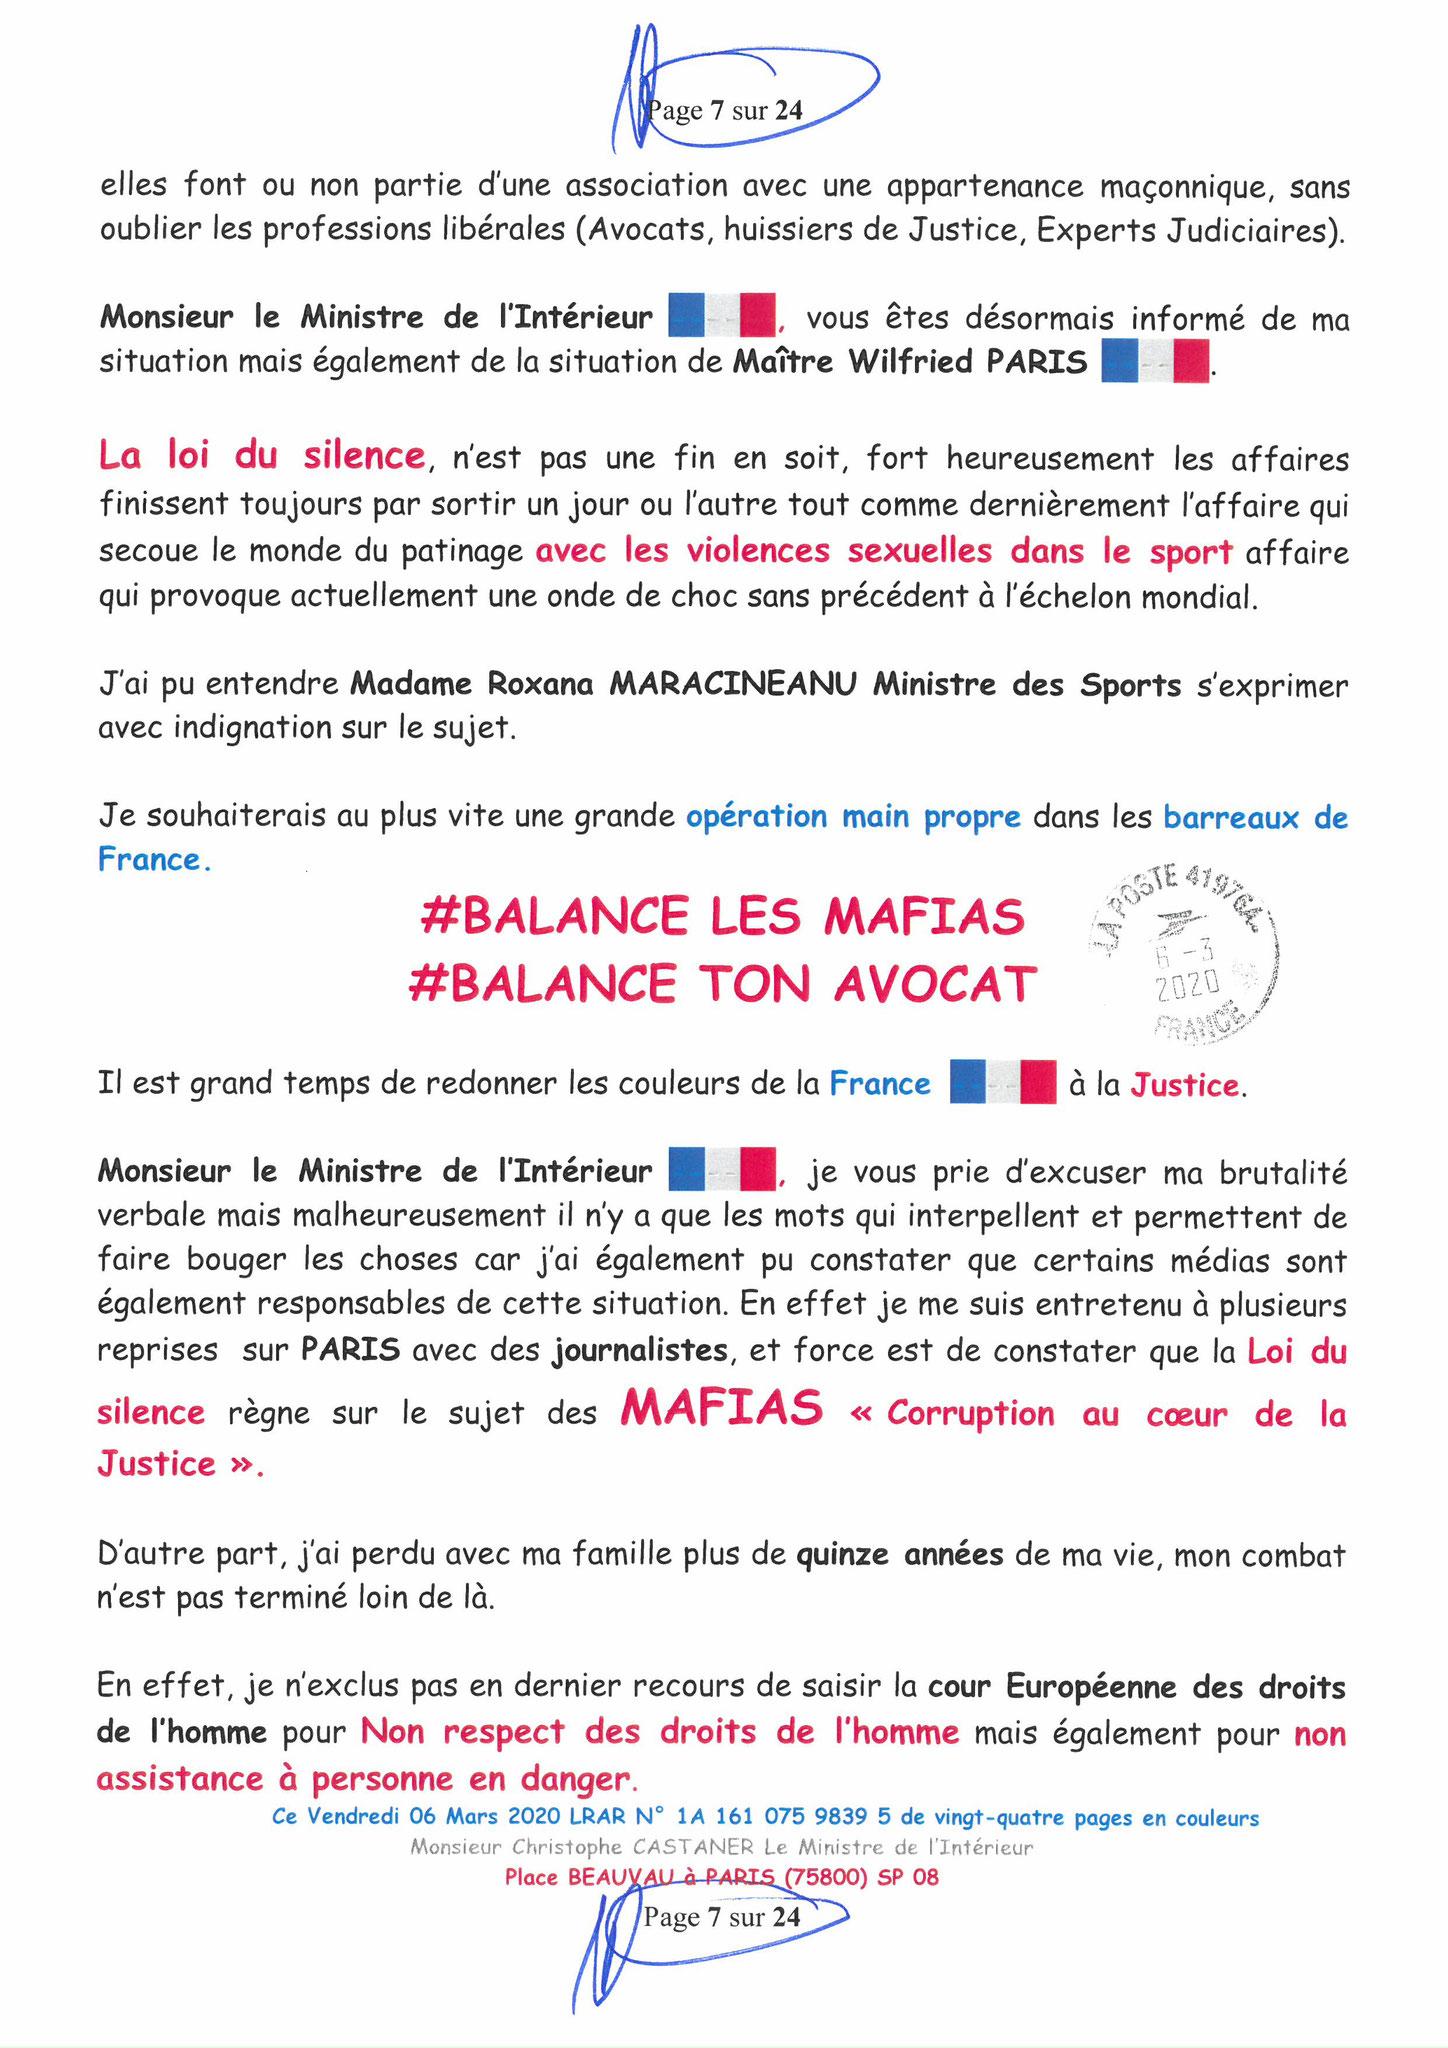 Ma LRAR à Monsieur le Ministre de l'Intérieur Christophe CASTANER N°1A 161 075 9839 5  Page 7 sur 24 en couleur du 06 Mars 2020  www.jesuispatrick.fr